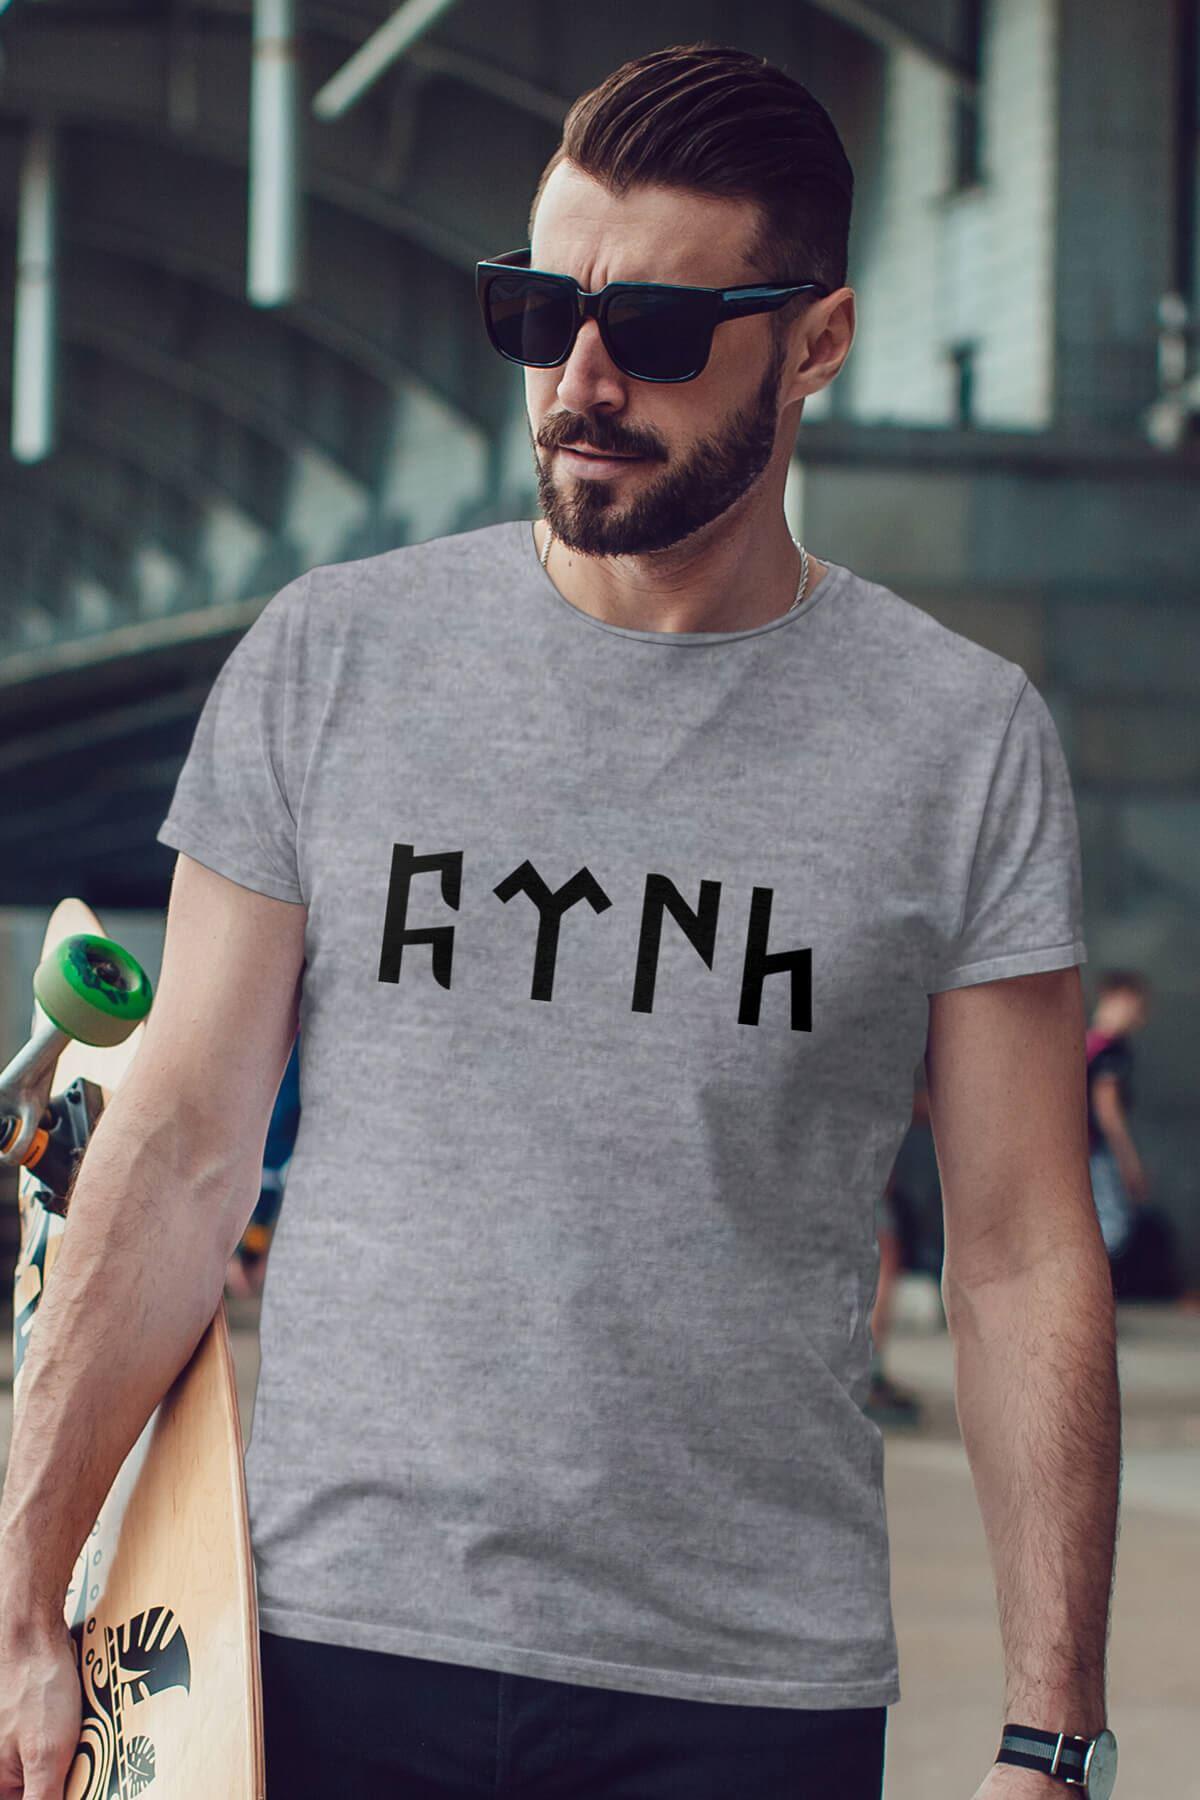 Türk Gri Erkek Tshirt - Tişört